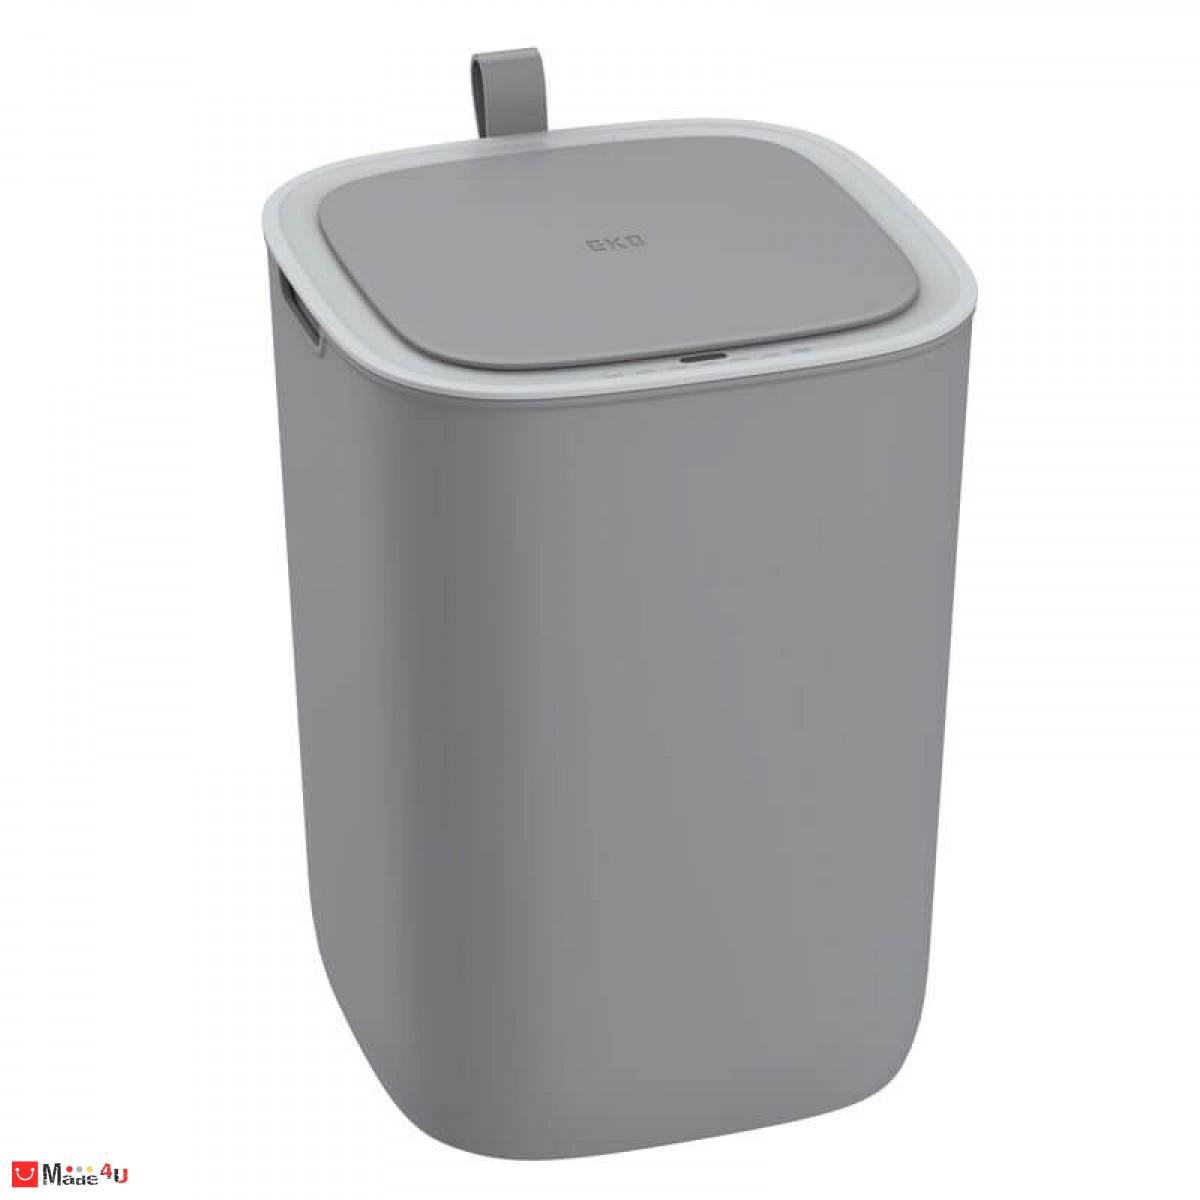 Сензорен кош за отпадъци - 12 литра, сив. Модел MORANDI SMART, марка EKO